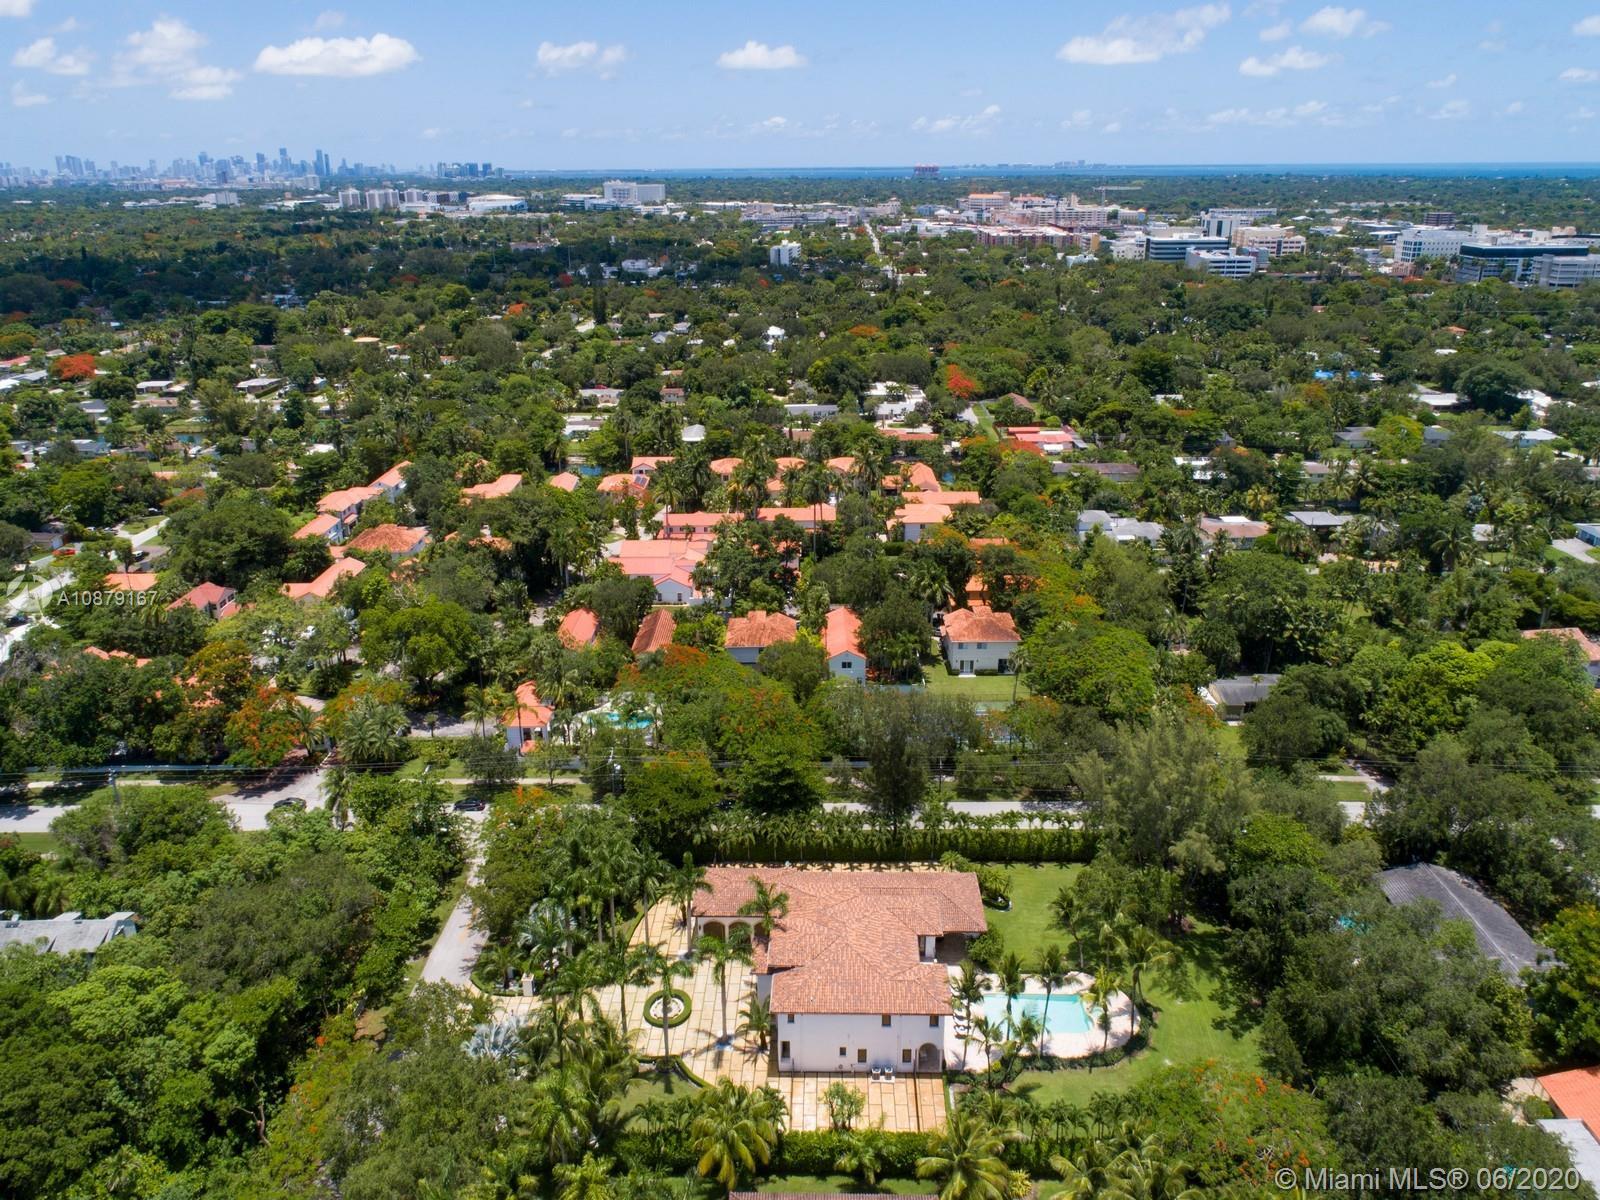 South Miami # - 43 - photo